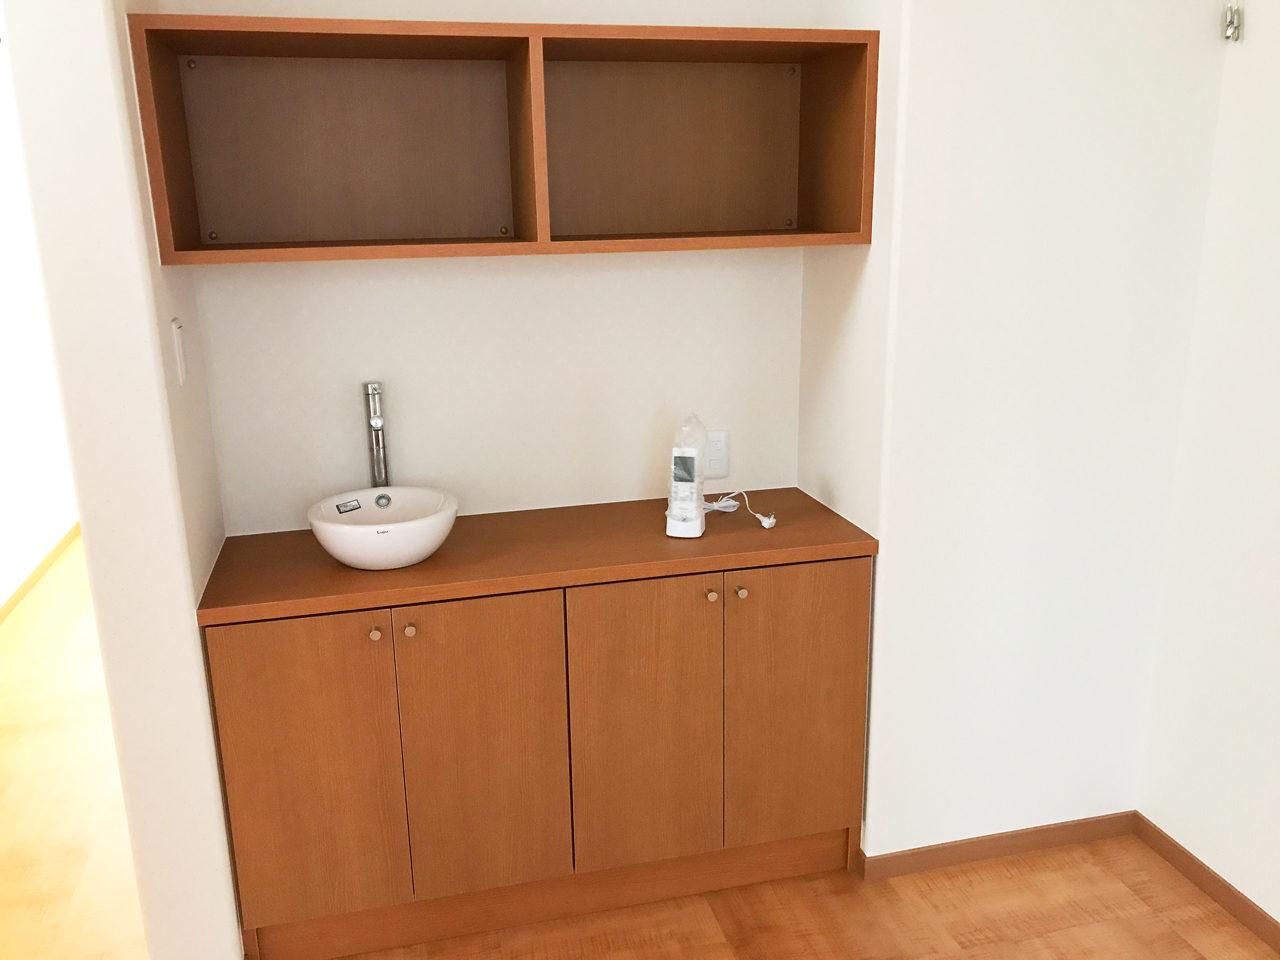 店舗(鍼灸接骨院)付き住宅の鍼灸室施術用カウンターと収納棚